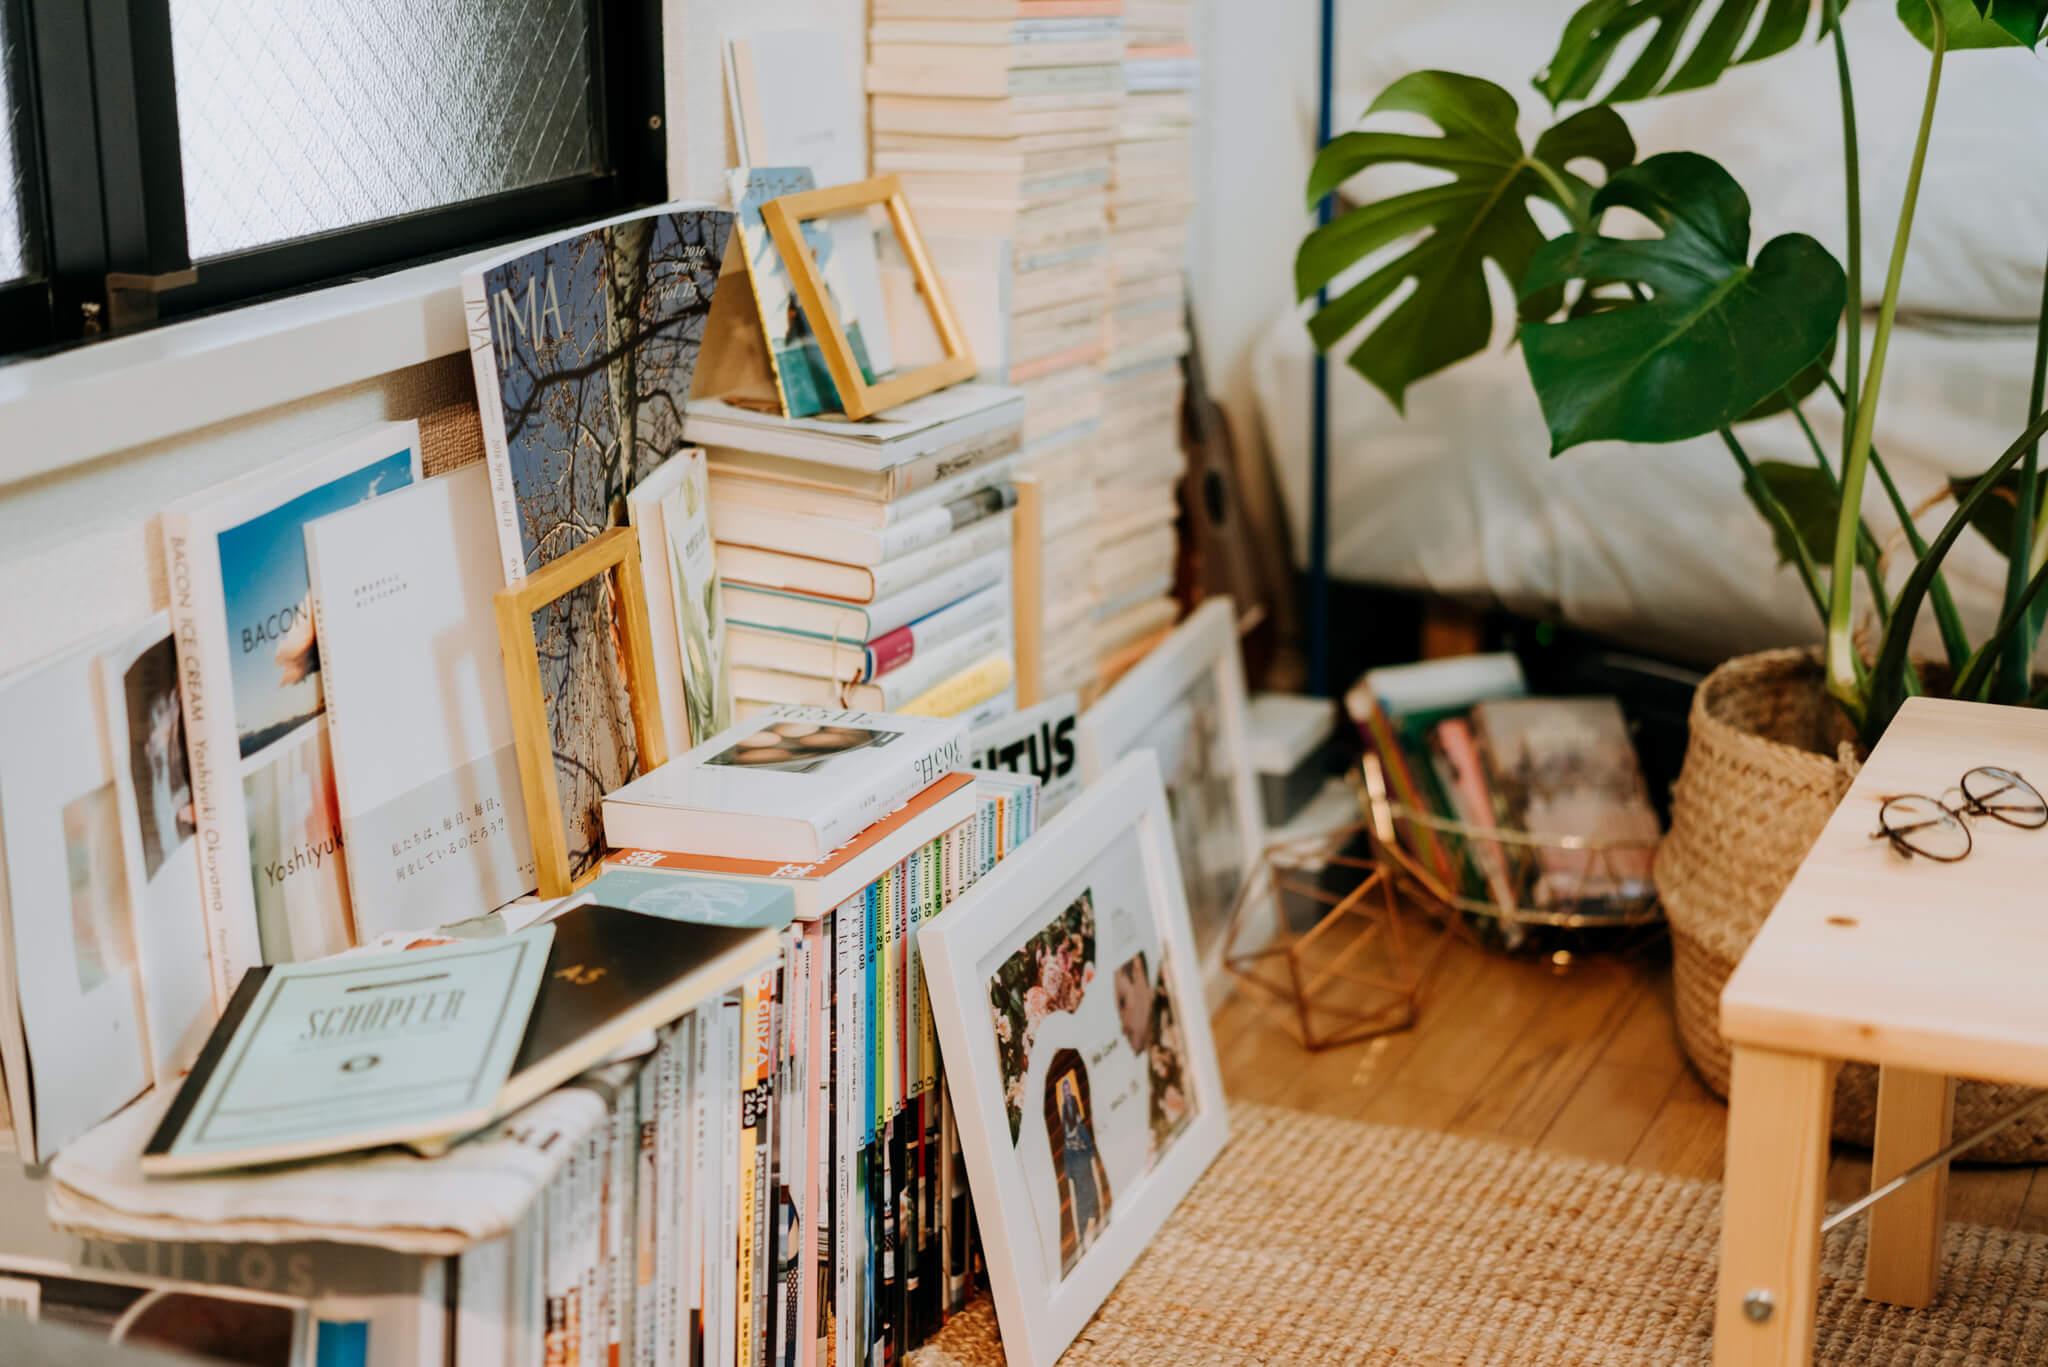 お部屋にはテレビもパソコンもなく、その代わりに本屋さんによく行って、文庫本を買ってくるそう。収納棚はあえておかず、ざっくり重ねてあるだけですが、バランスが見事。なんとも絵になってますね。